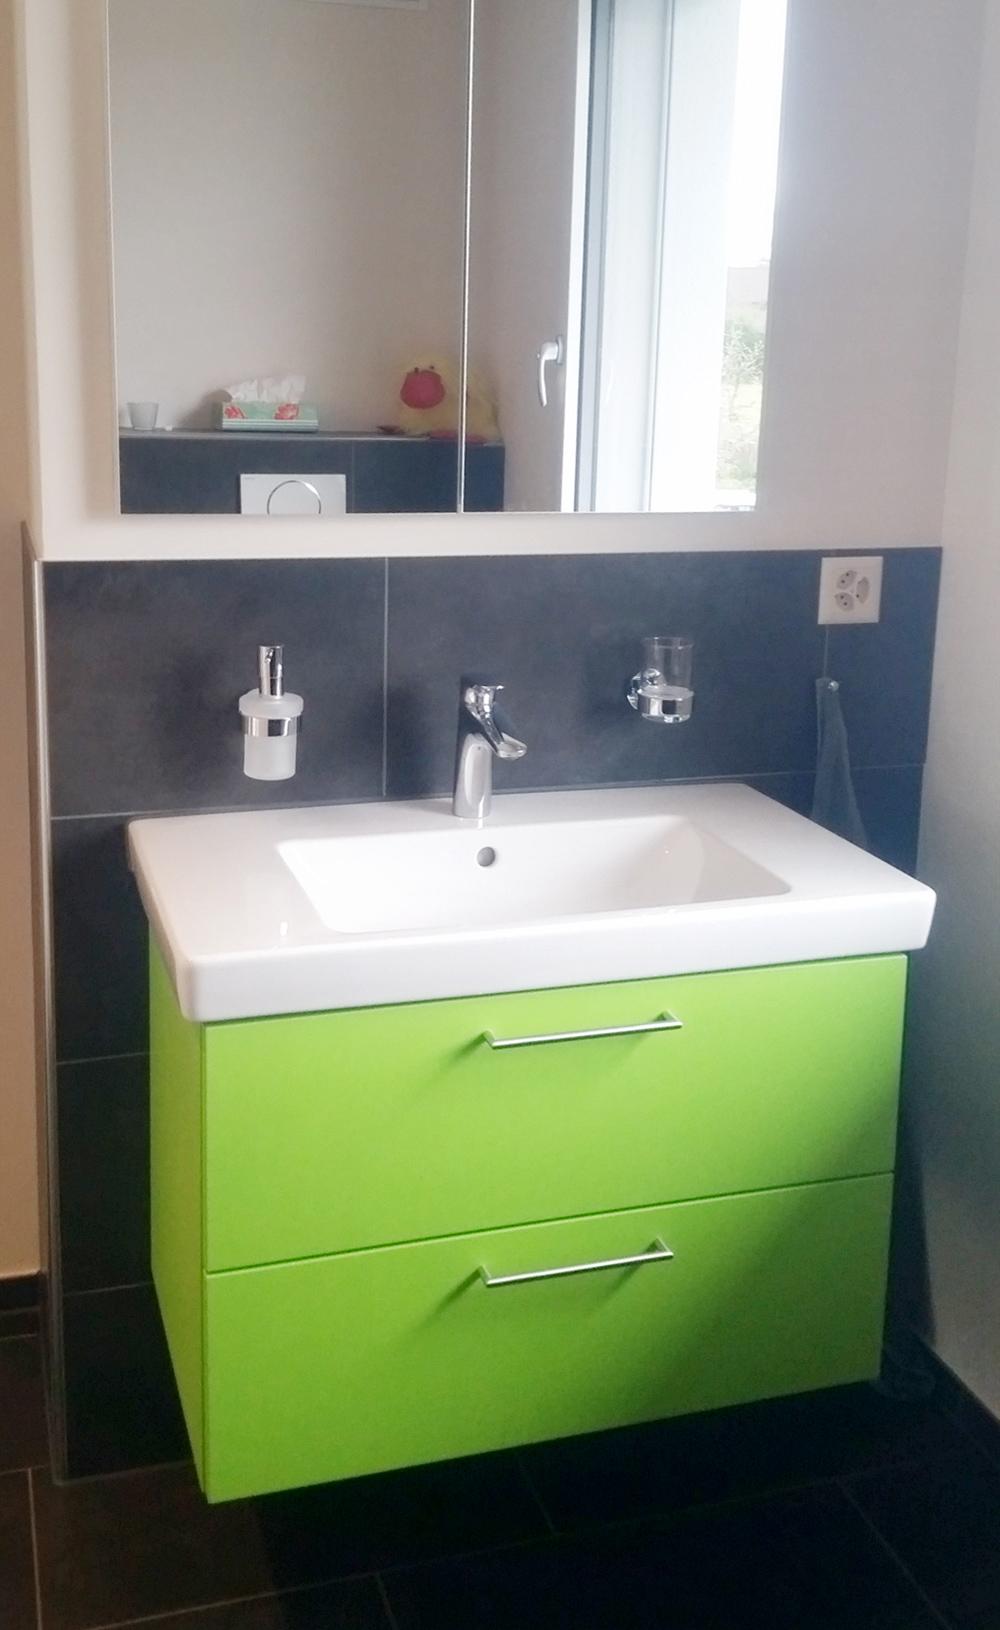 badm bel in knalligem gr n kreuz und quer. Black Bedroom Furniture Sets. Home Design Ideas